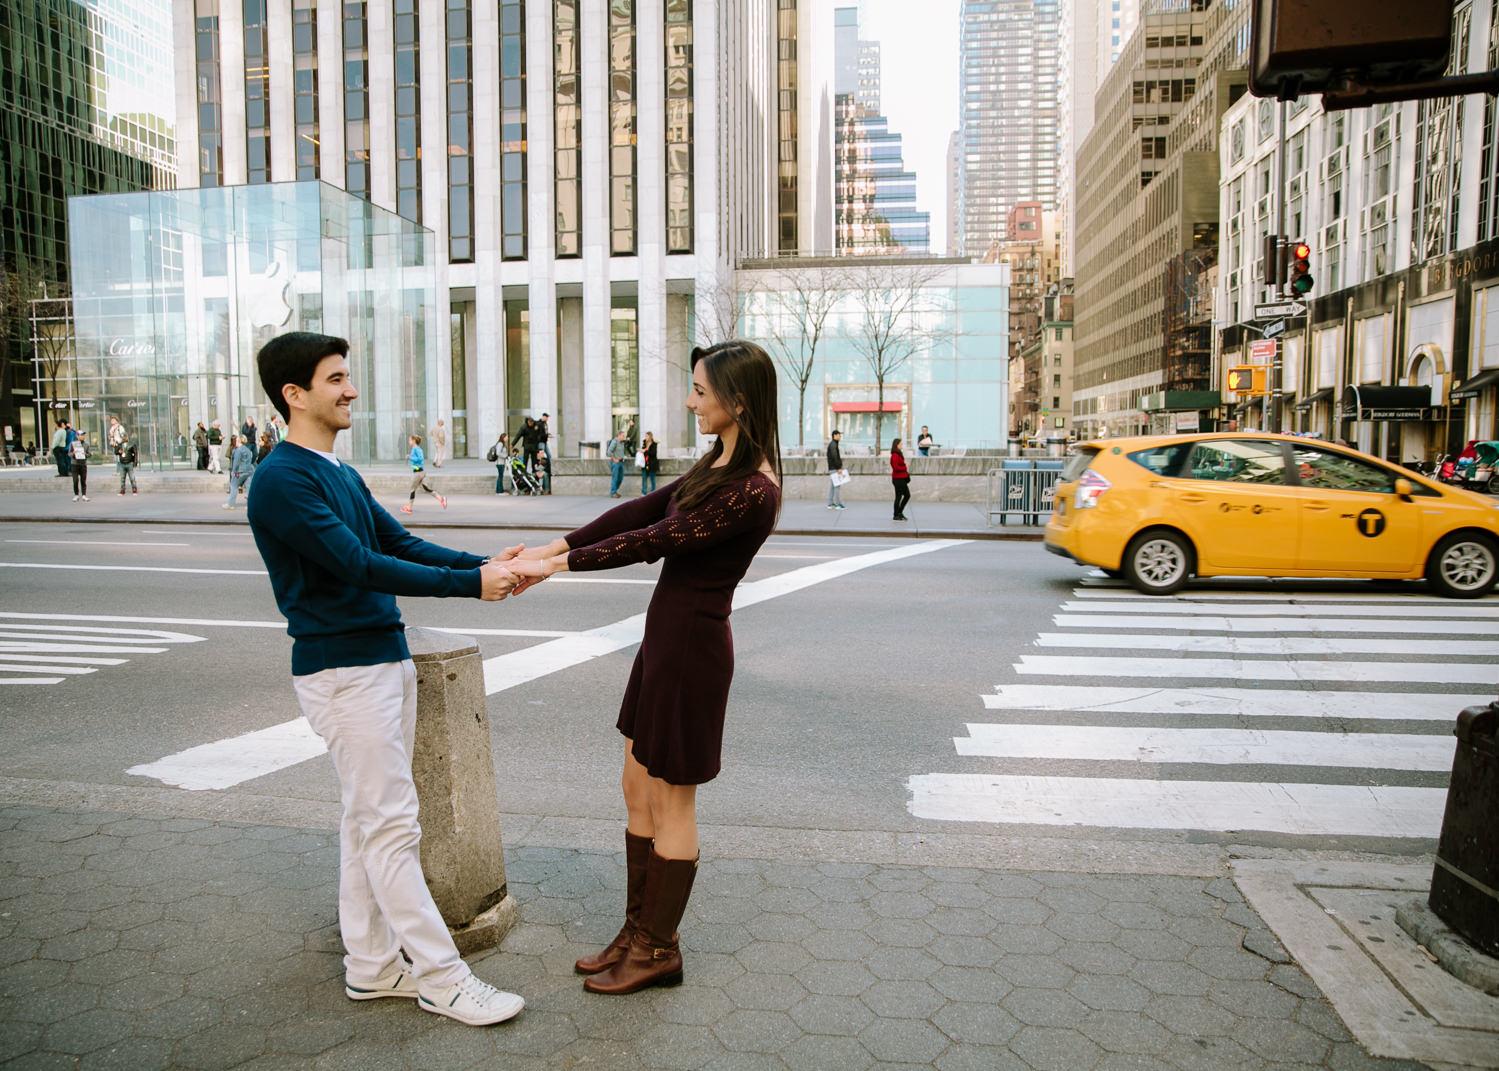 NYC-engagement-photography-by-Tanya-Isaeva-65.jpg